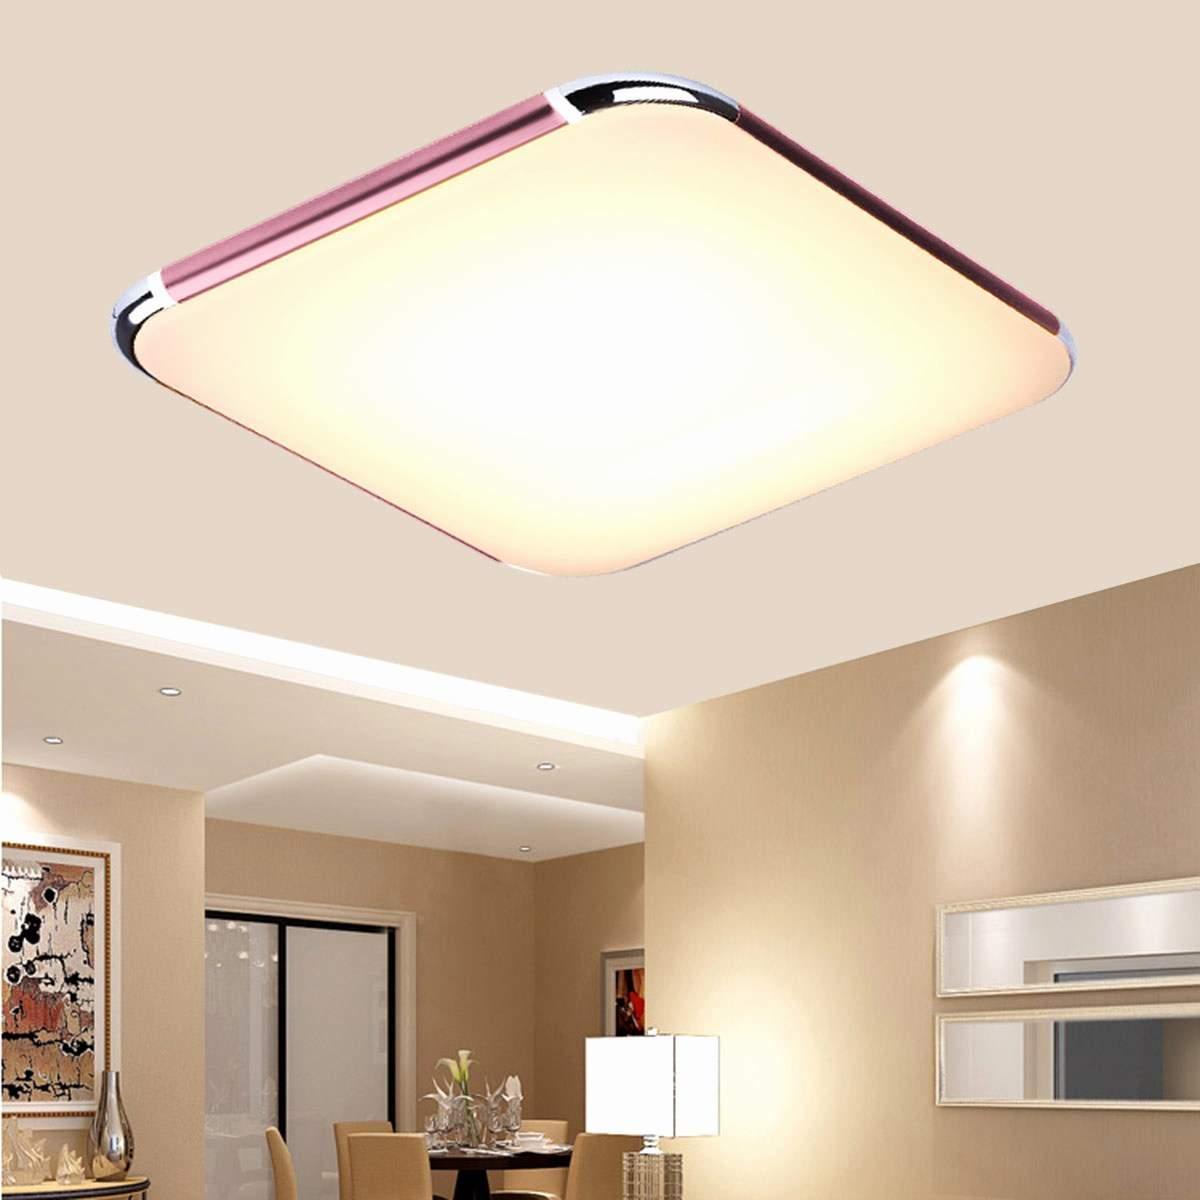 Full Size of 40 Das Beste Von Ausgefallene Deckenleuchten Wohnzimmer Neu Gardine Beleuchtung Led Einbauleuchten Bad Deckenlampe Lampen Wandtattoos Deckenleuchte Wohnzimmer Wohnzimmer Deckenlampe Led